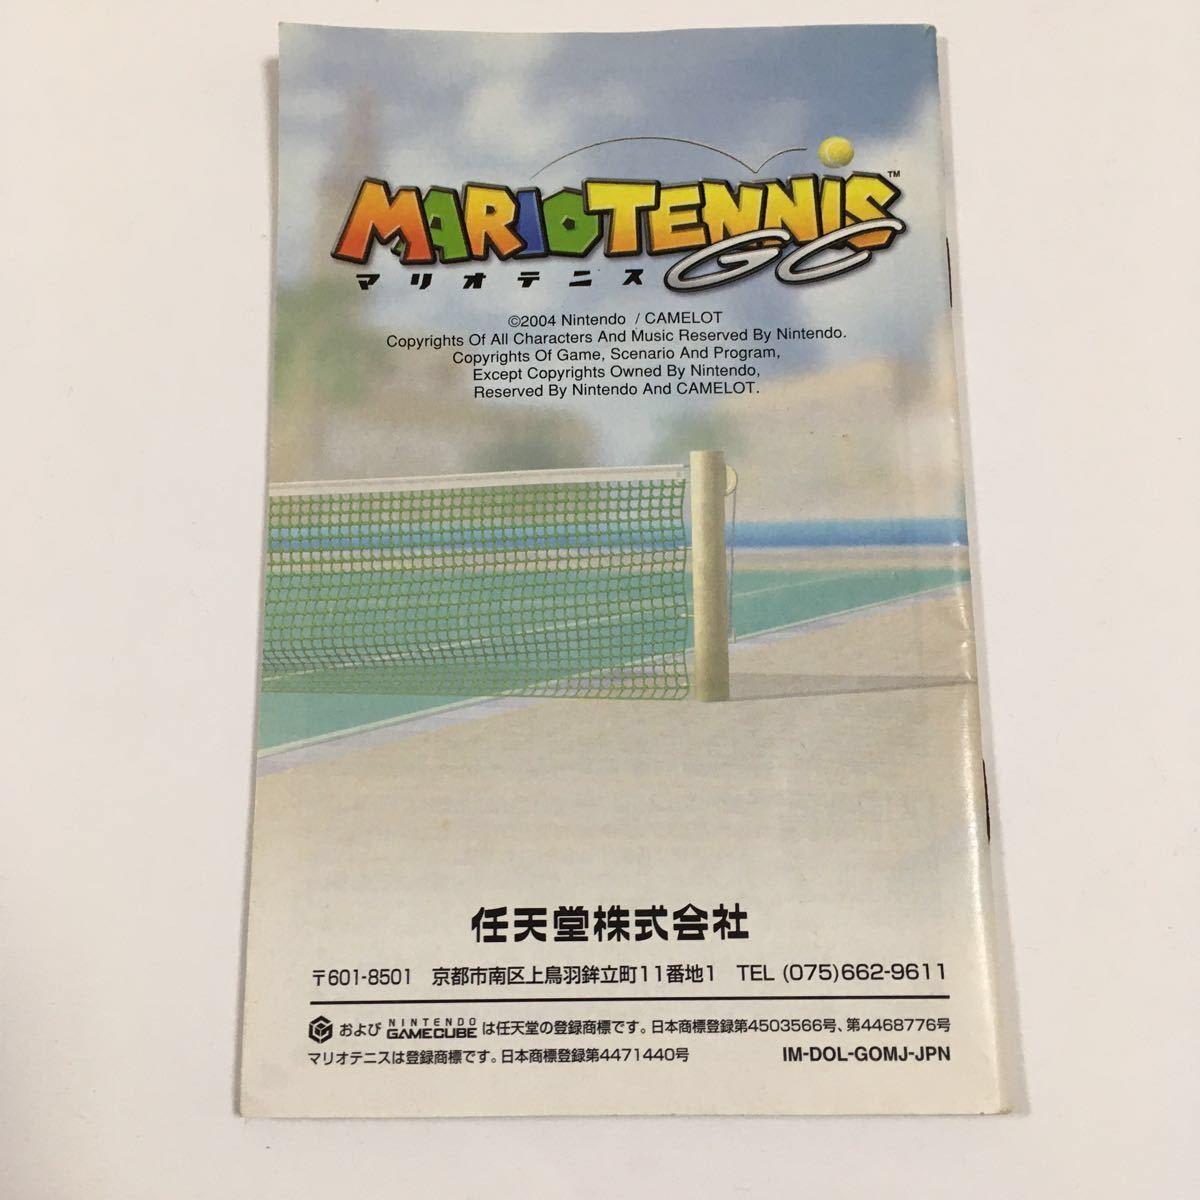 ゲームキューブ ソフト マリオテニス 動作確認済み スポーツ カセット テニス マリオ ニンテンドー 任天堂 レトロ ゲーム